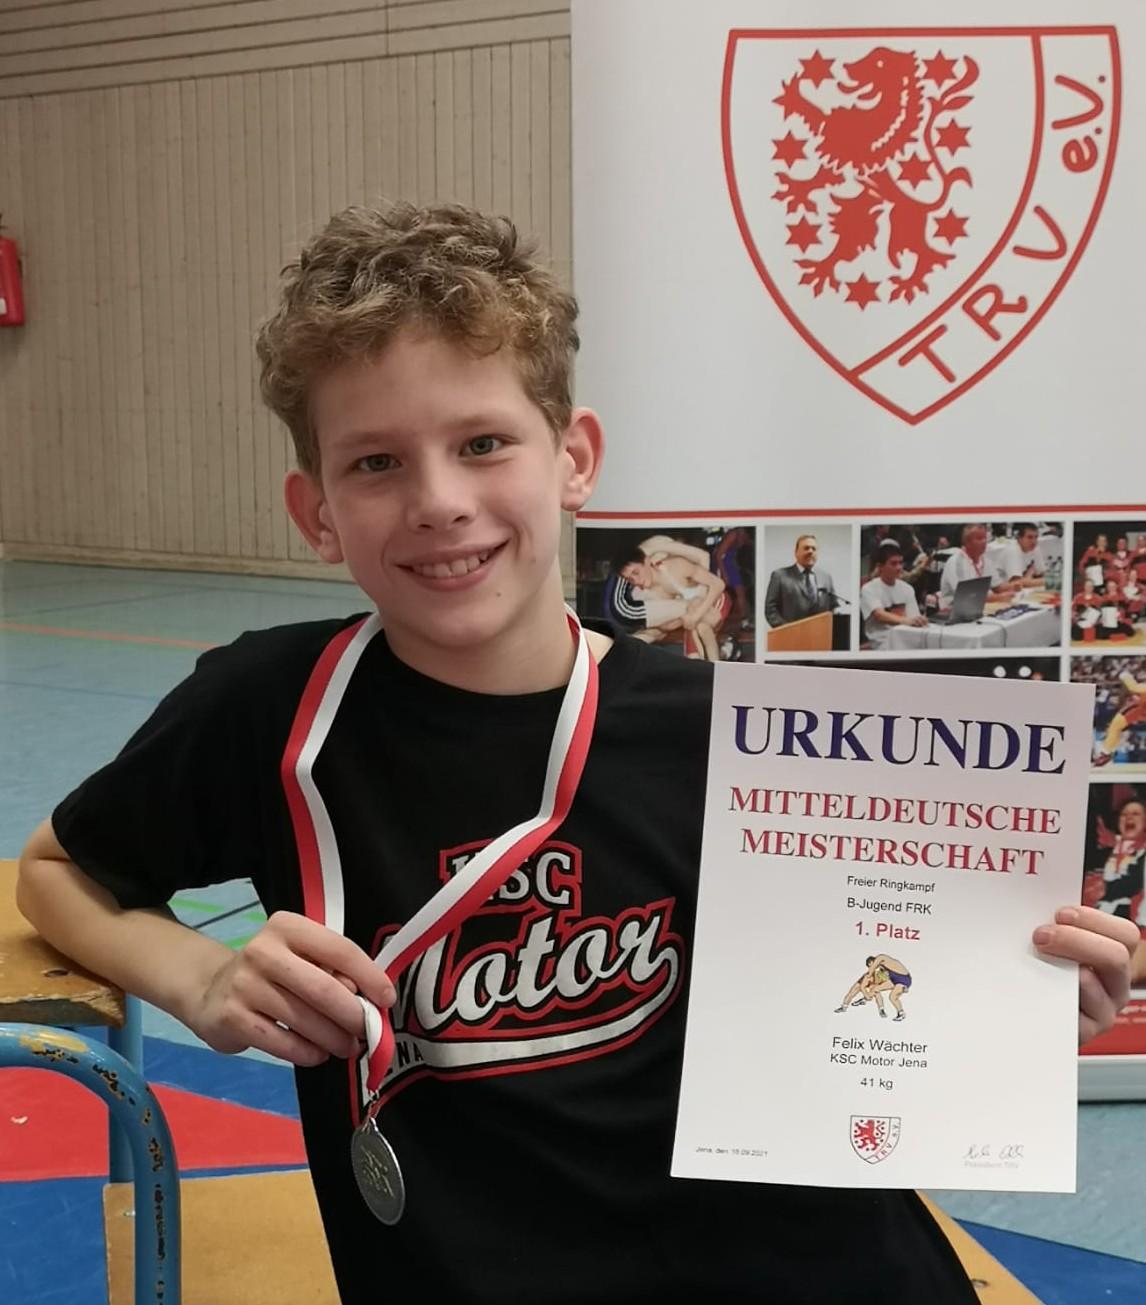 Gelungene Mitteldeutsche Meisterschaften der B-Jugend und eine Goldmedaille blieb in Jena